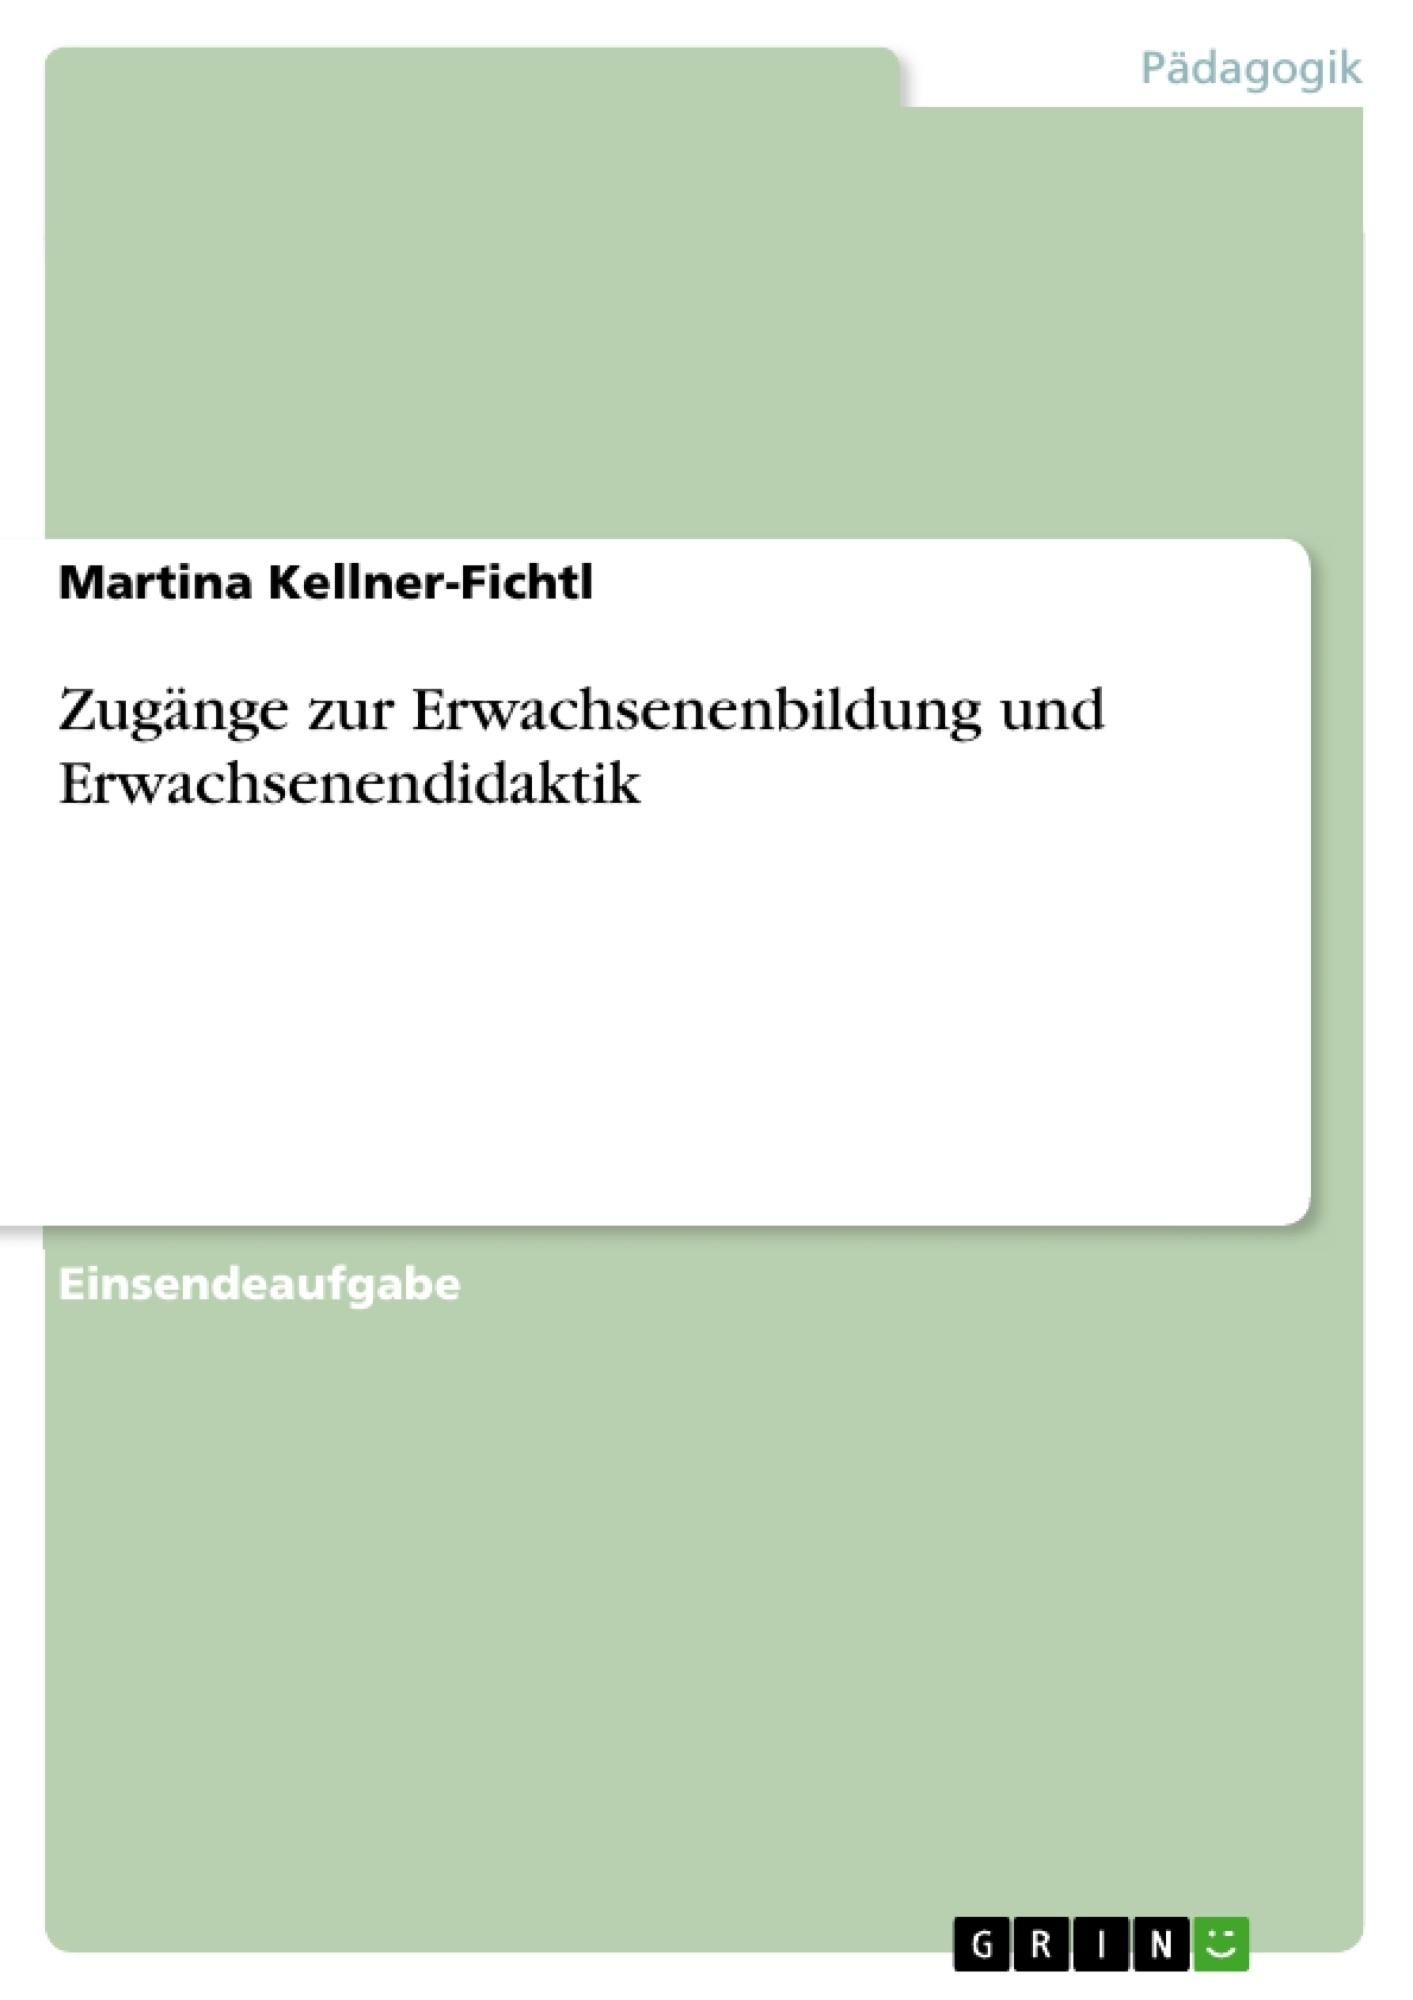 Titel: Zugänge zur Erwachsenenbildung und Erwachsenendidaktik